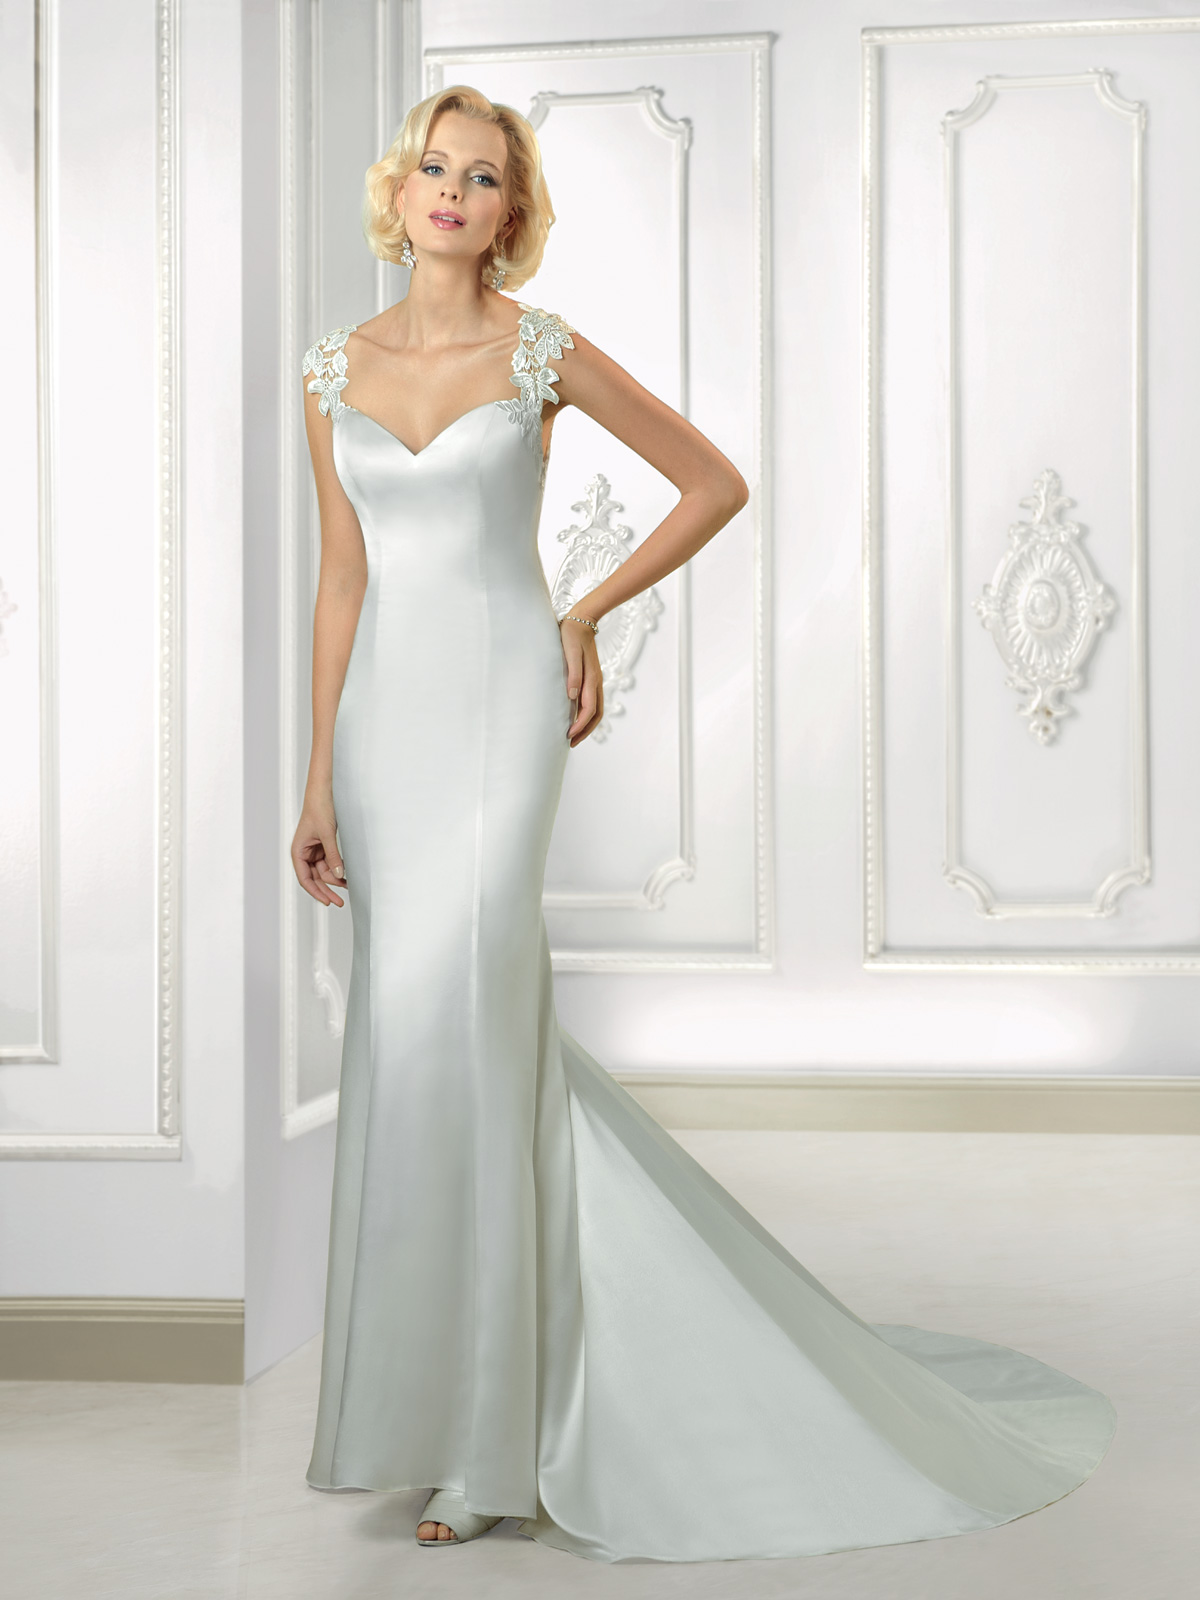 Vestido de Noiva com alças e decote princesa, costas com detalhe de transparência e renda guipure aplicada, todo confeccionado em cetim e corte sereia com leve cauda.